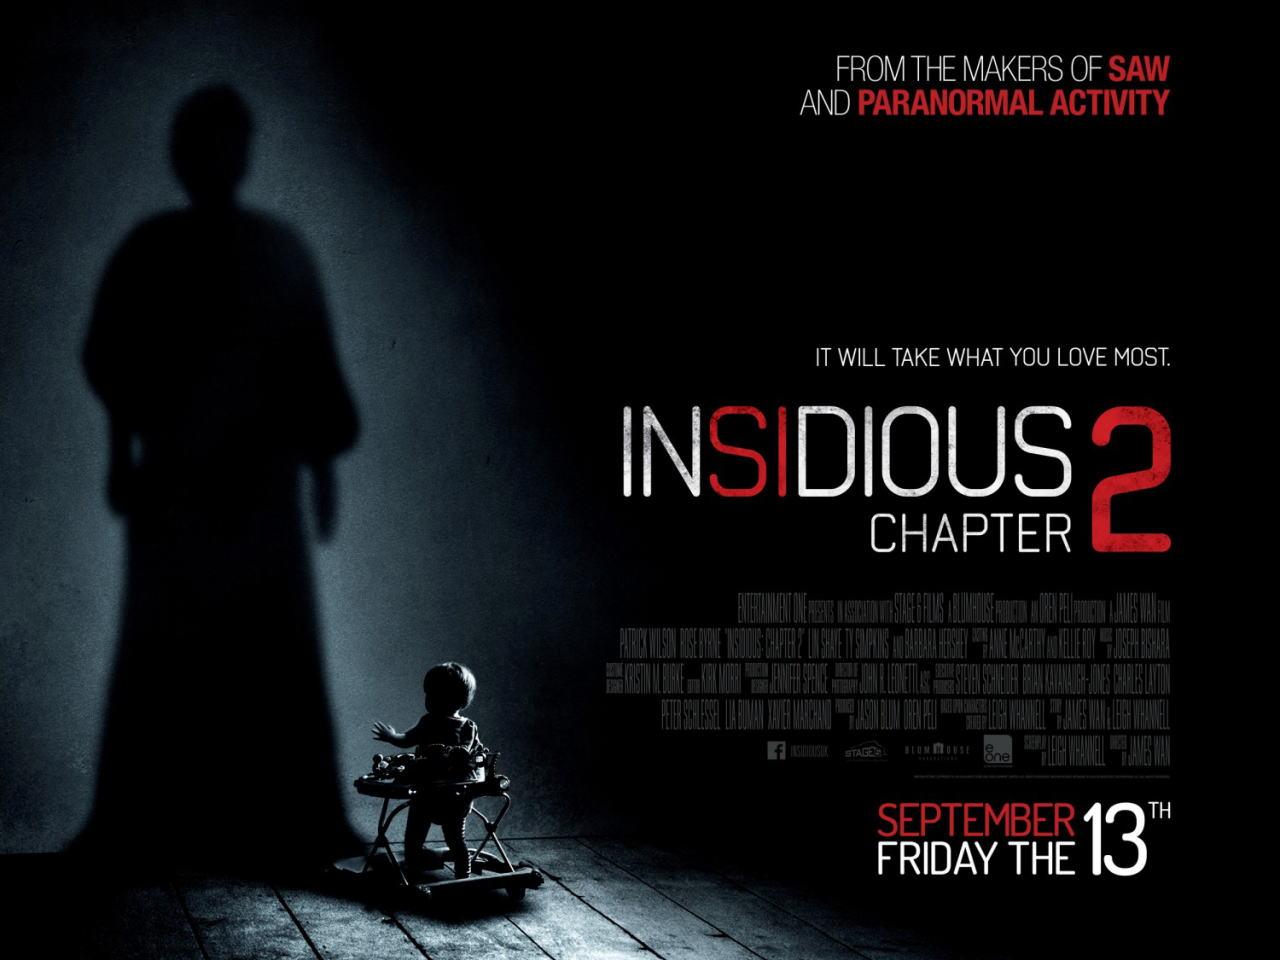 映画『インシディアス 第2章 (2013) INSIDIOUS: CHAPTER 2』ポスター(4)▼ポスター画像クリックで拡大します。